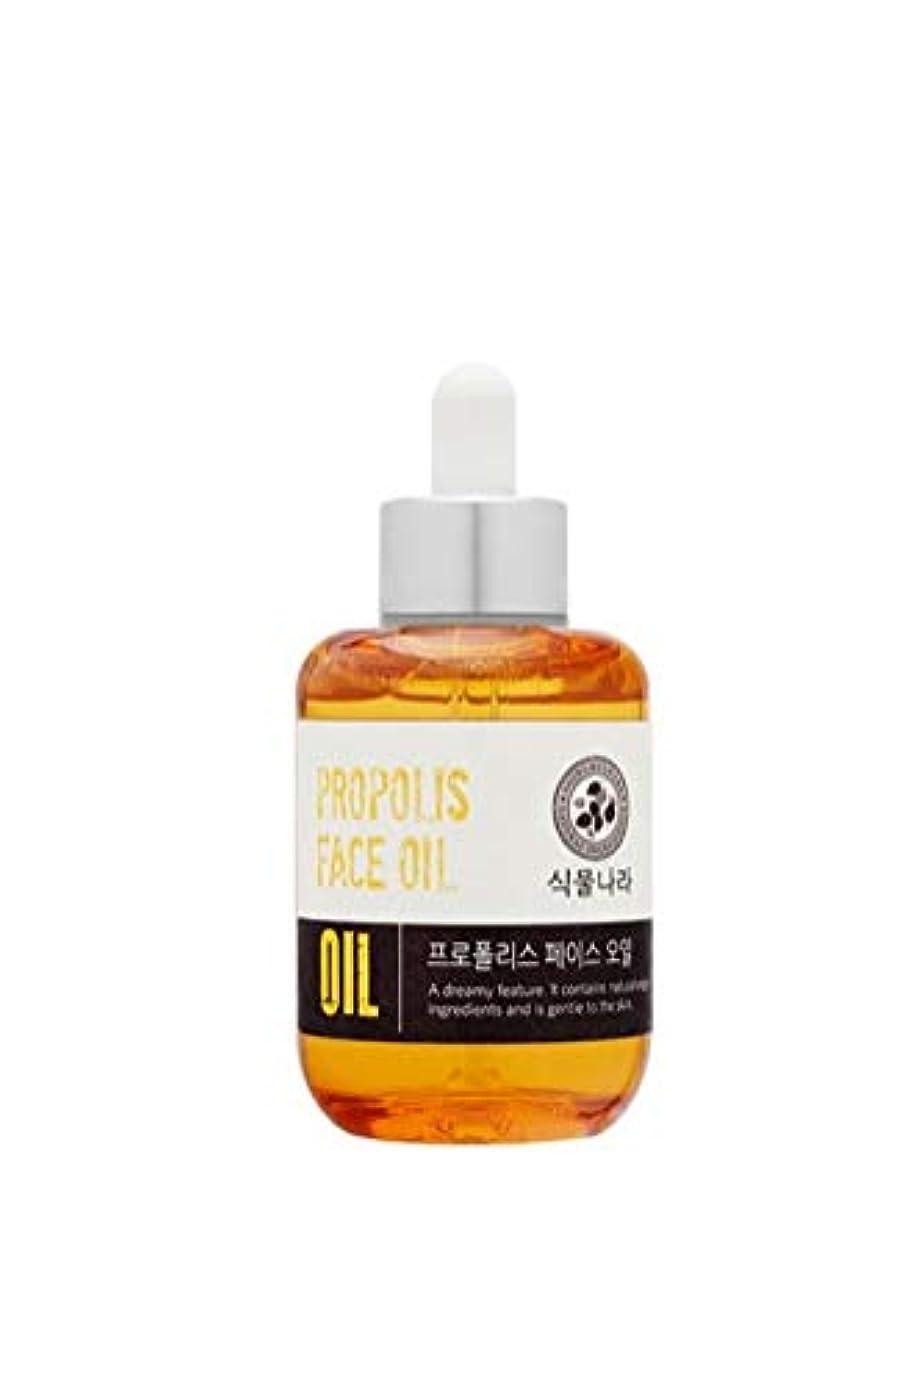 十億ジャンル背景shingmulnara☆シンムルナラ プロポリス フェイス オイル55ml propolis face oil 55ml[並行輸入品]